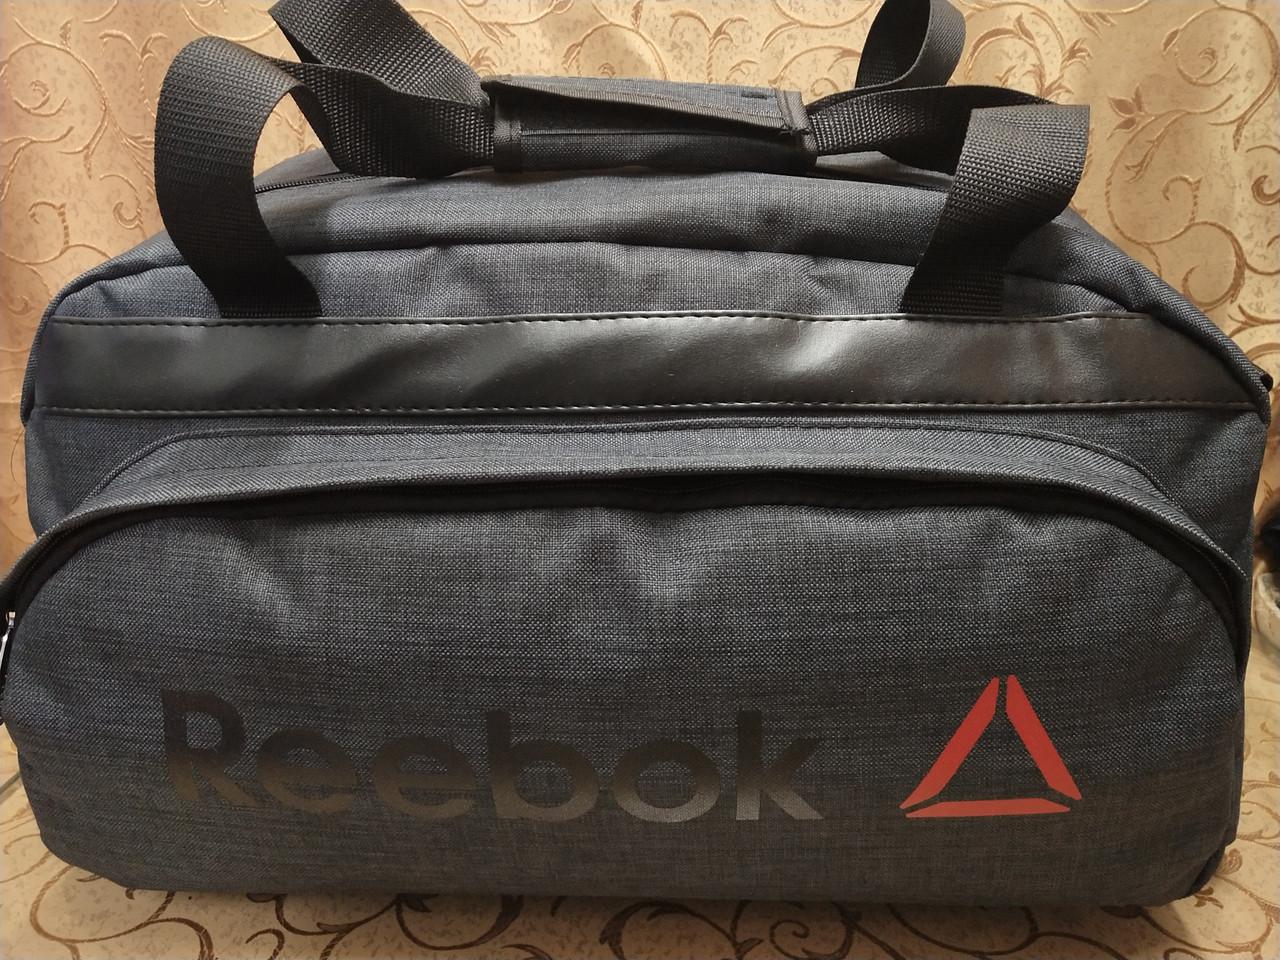 (28*51Качество)Спортивная дорожная REEBOK ткань катион матовый pvc оптом/Спортивная сумка только оптом